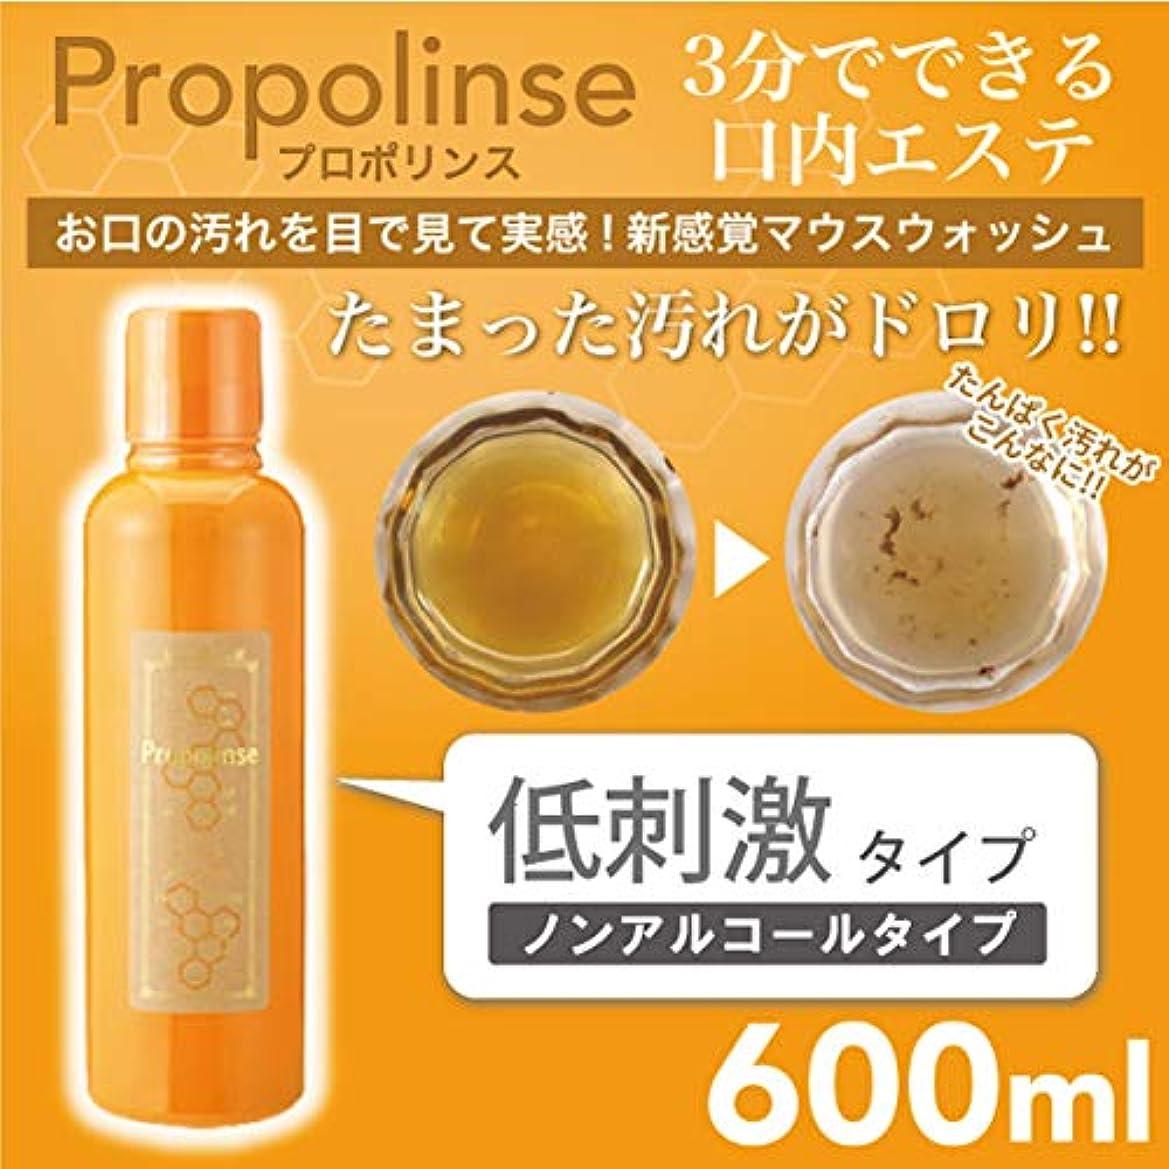 シプリー全国線形プロポリンス マウスウォッシュ ピュア (ノンアルコール低刺激) 600ml [30本セット] 口臭対策